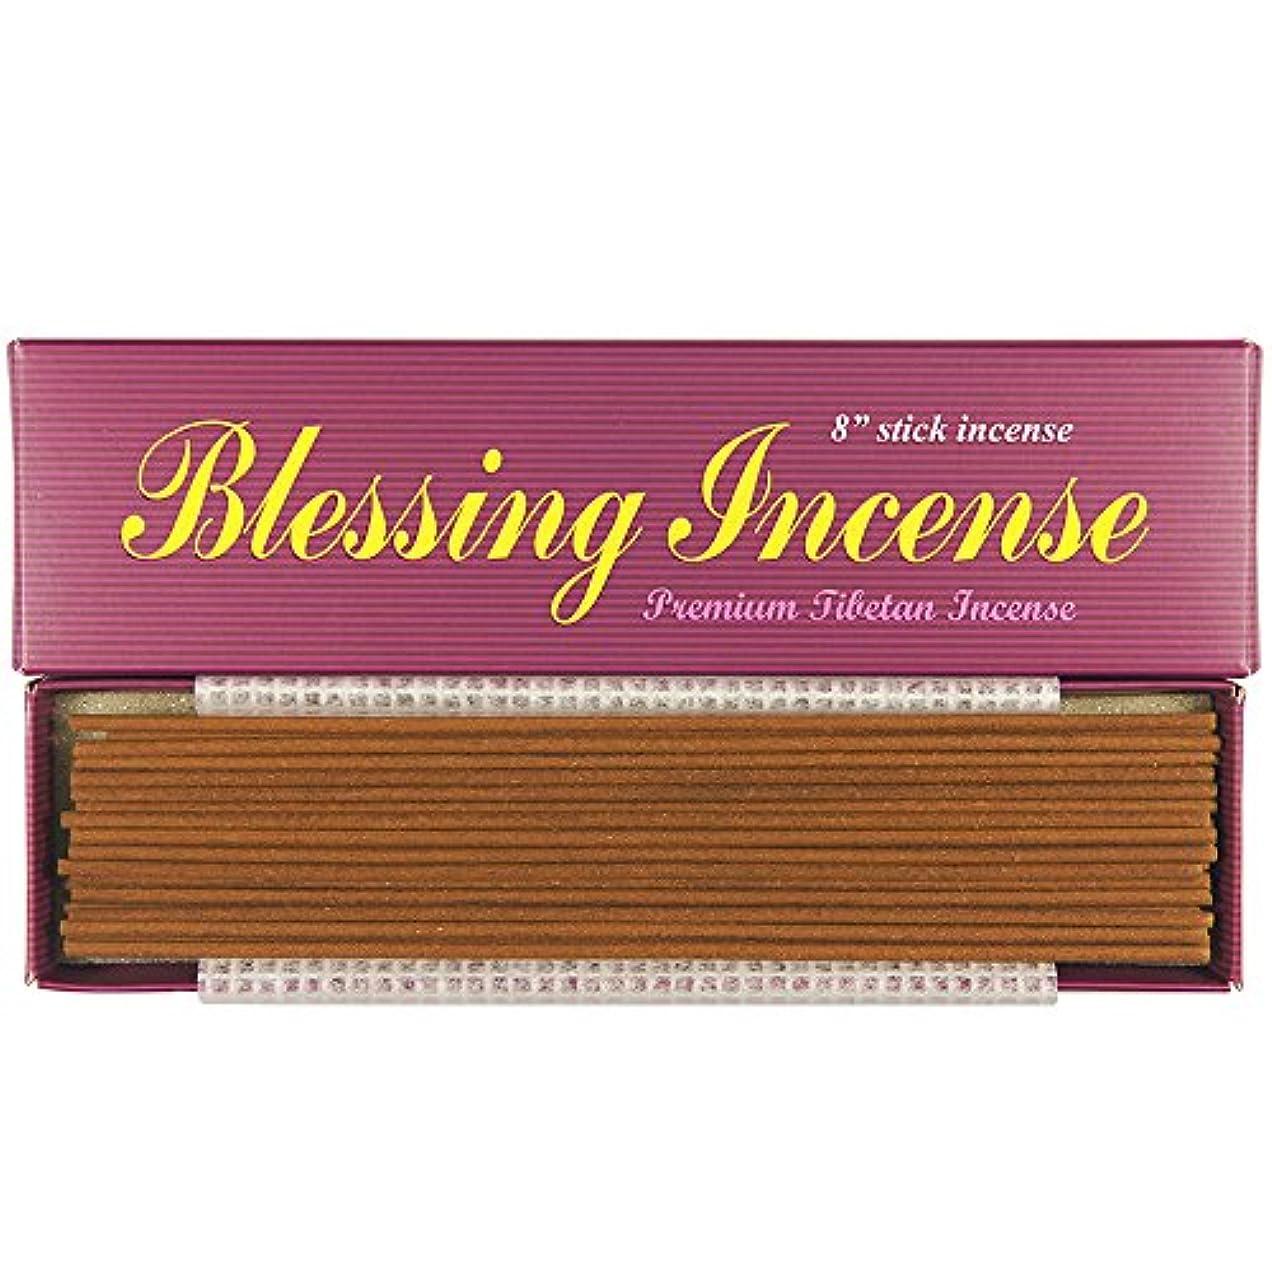 保険をかける慣らす雪Blessing Incense – 8